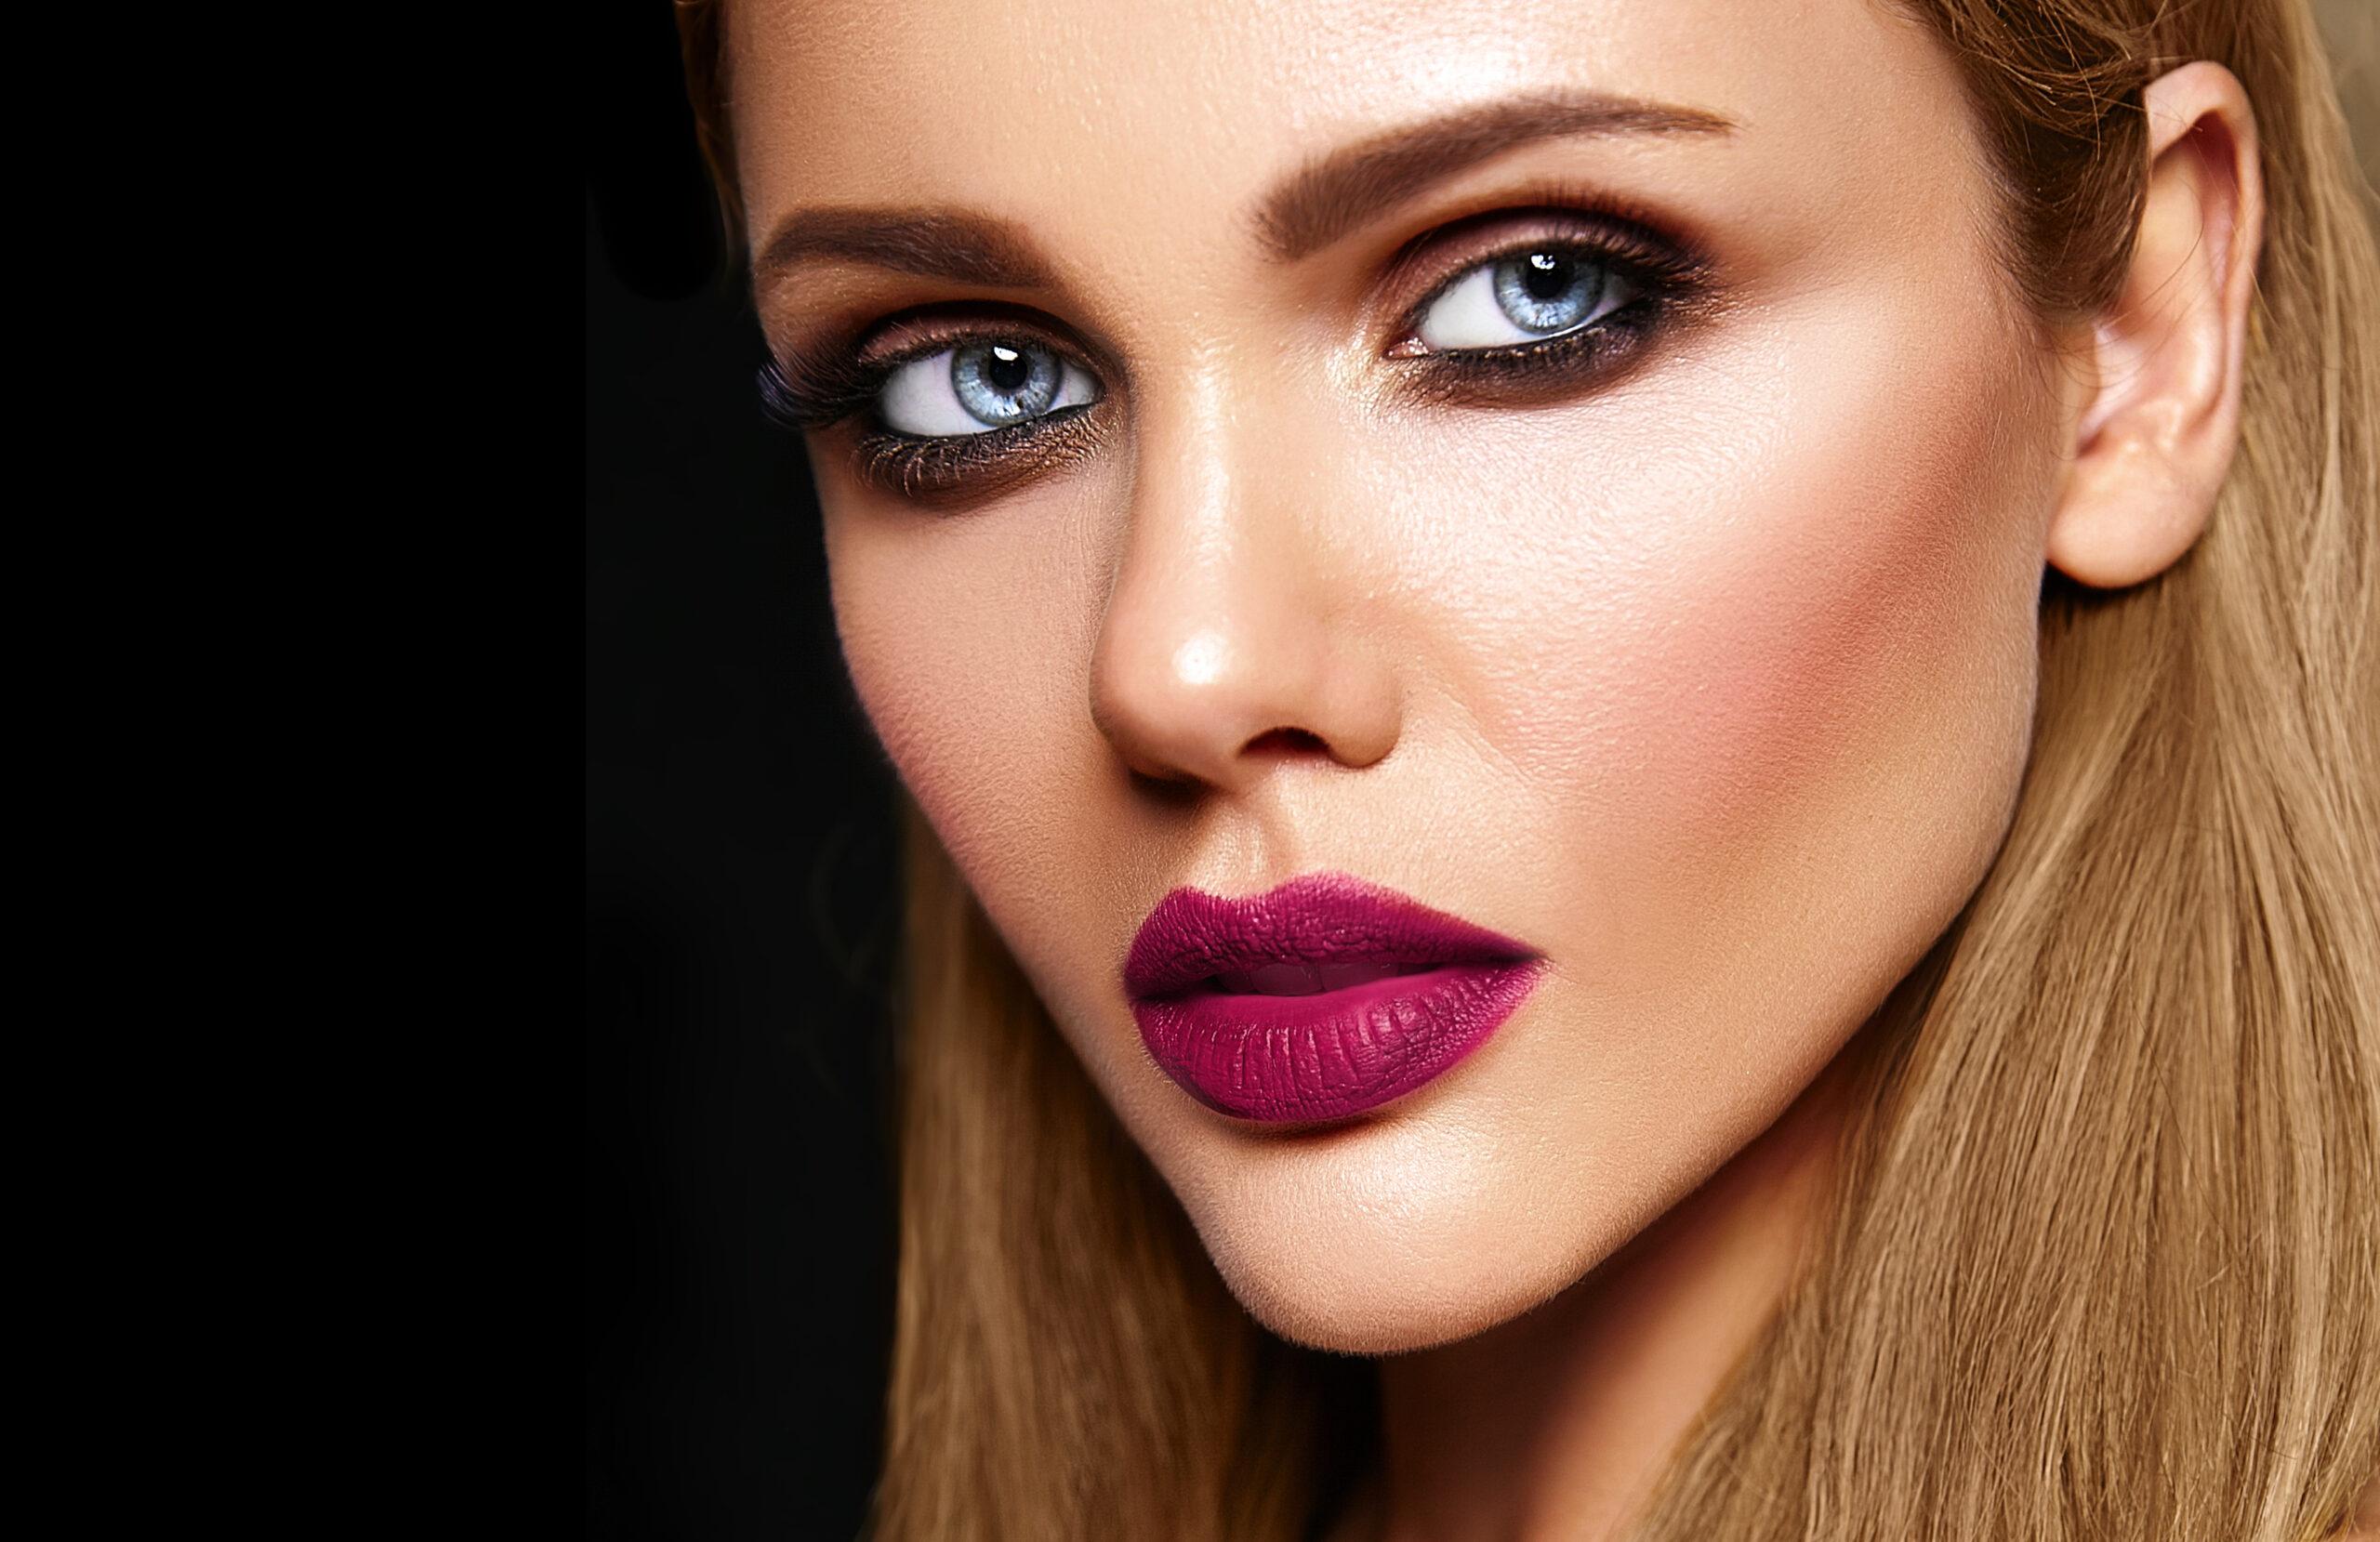 How to Dark lips